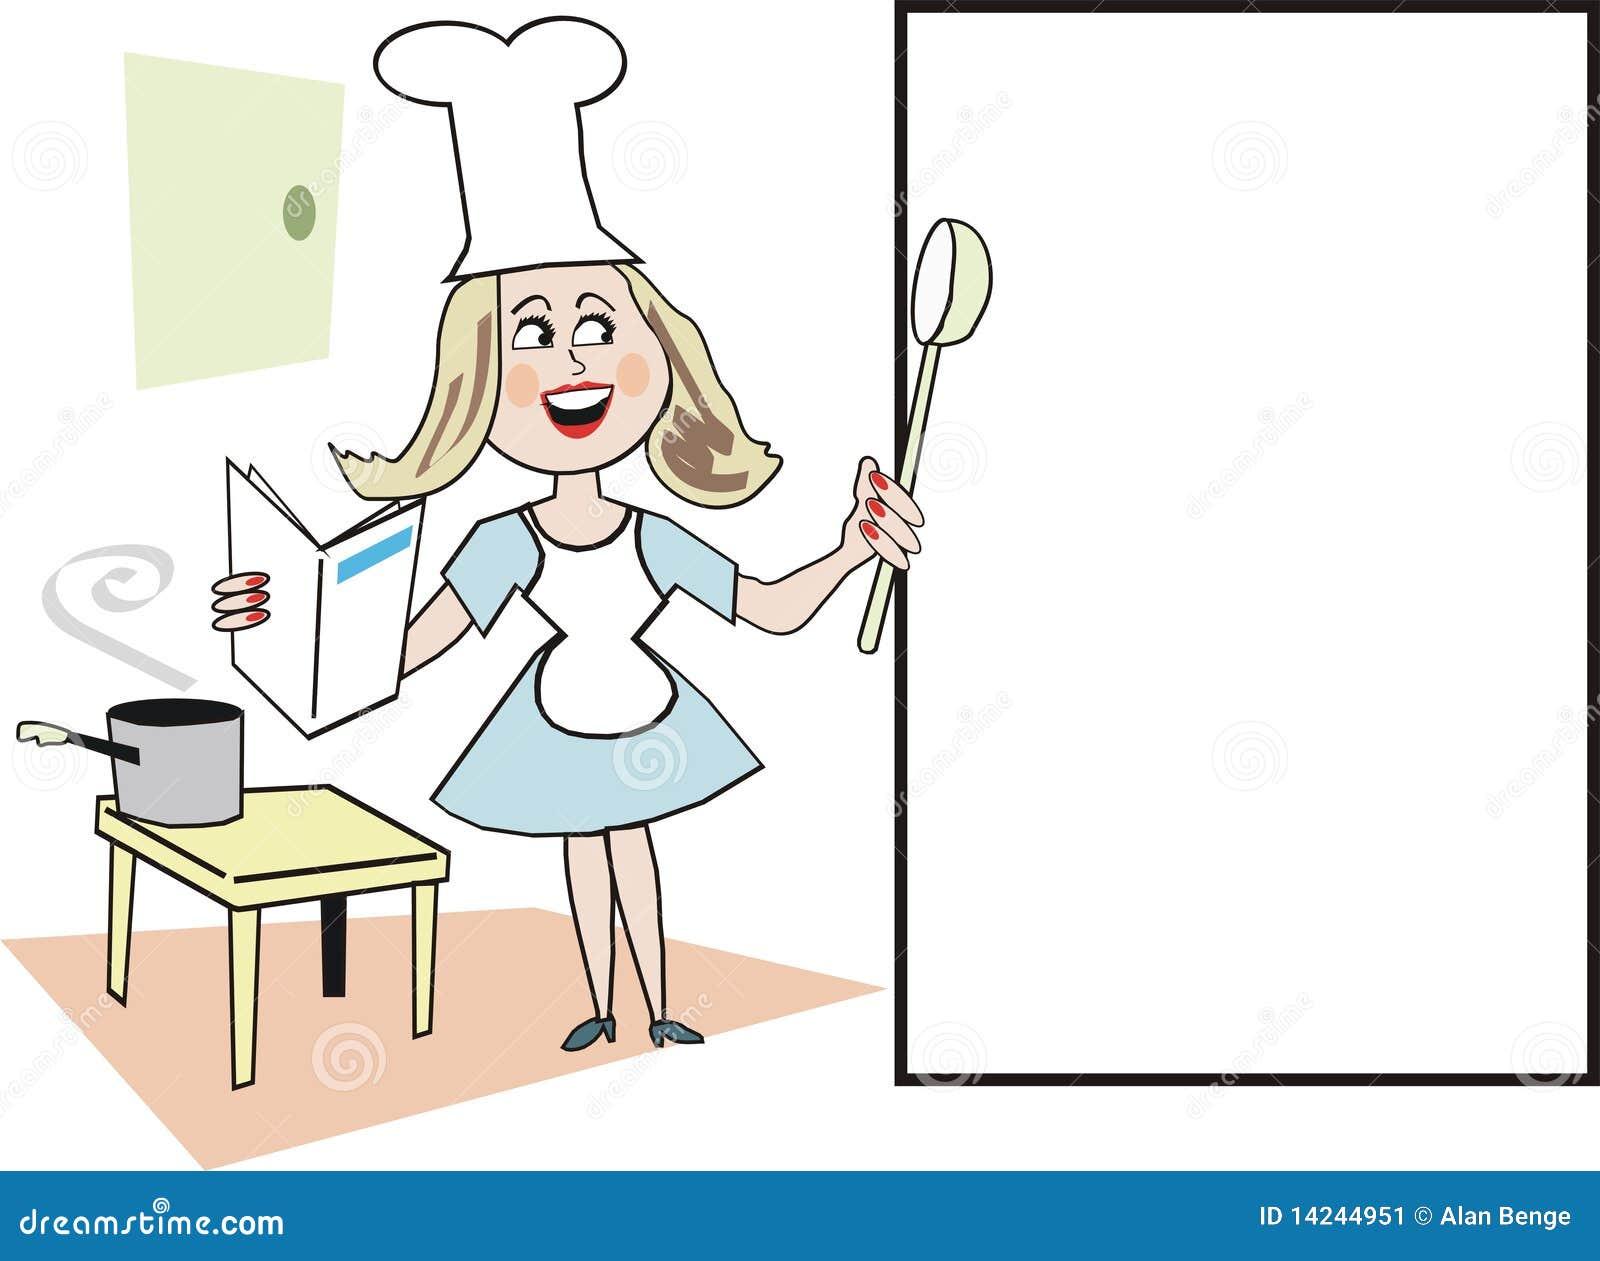 #81A02B Desenhos animados da mulher de sorriso com o chapéu do cozinheiro  1300x1041 px Nova Cozinha Desenhos Imagens_617 Imagens